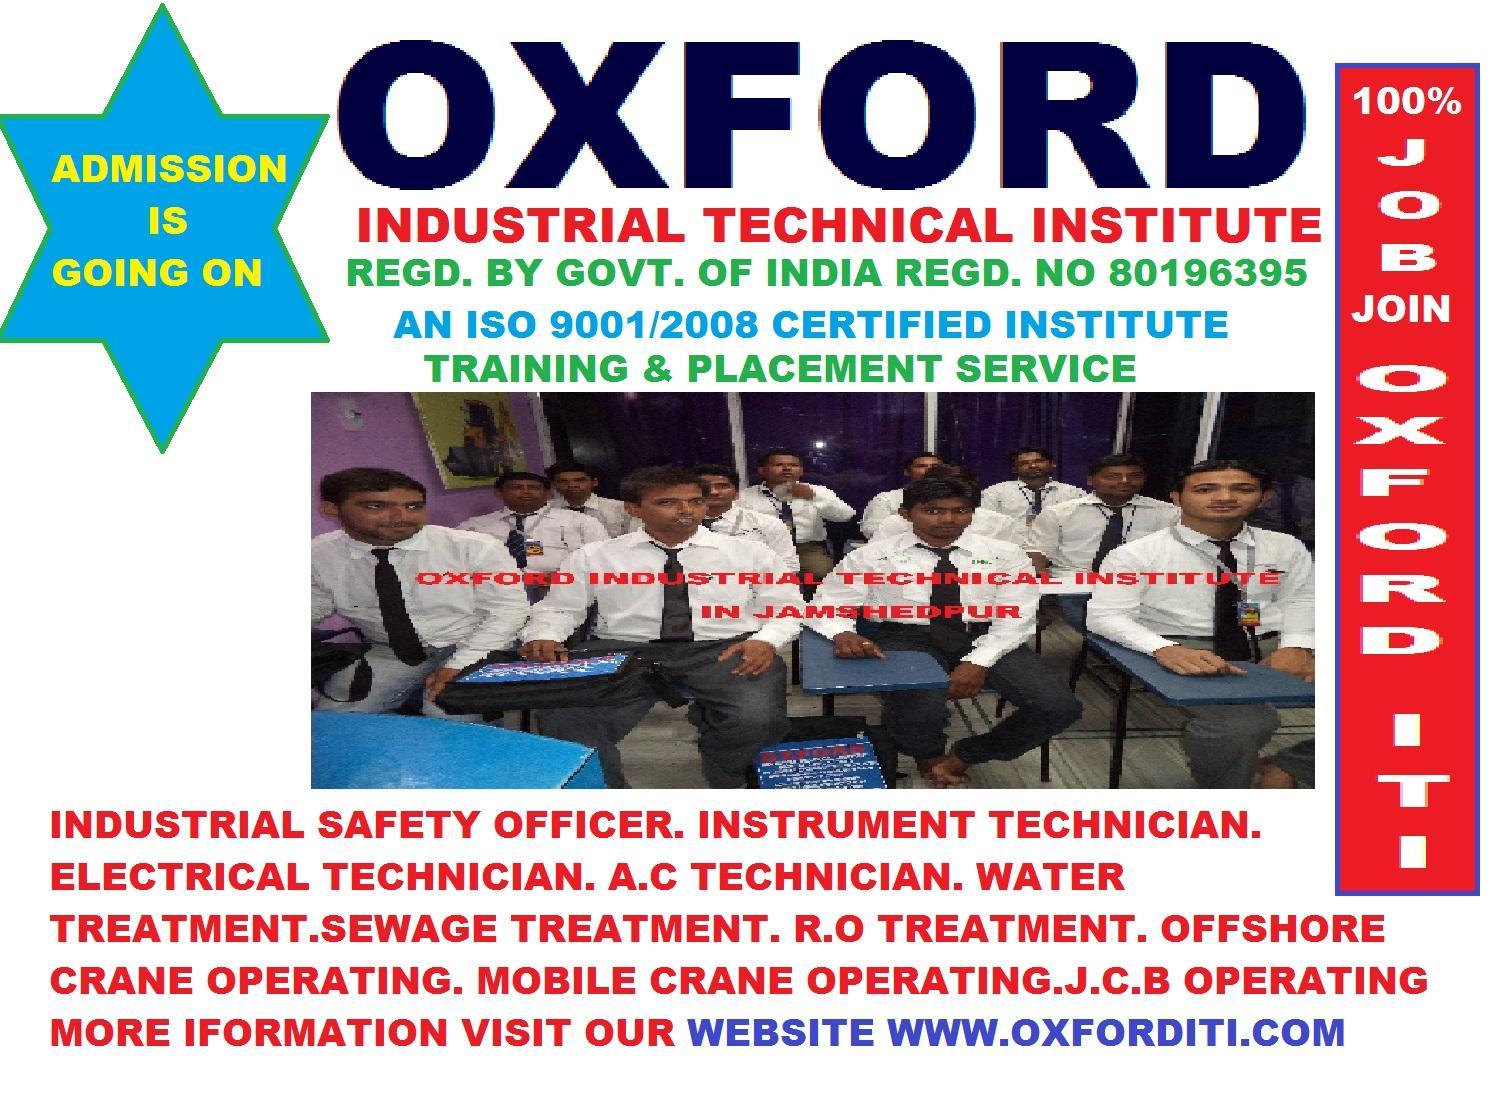 Oxford ITI Technical Institute